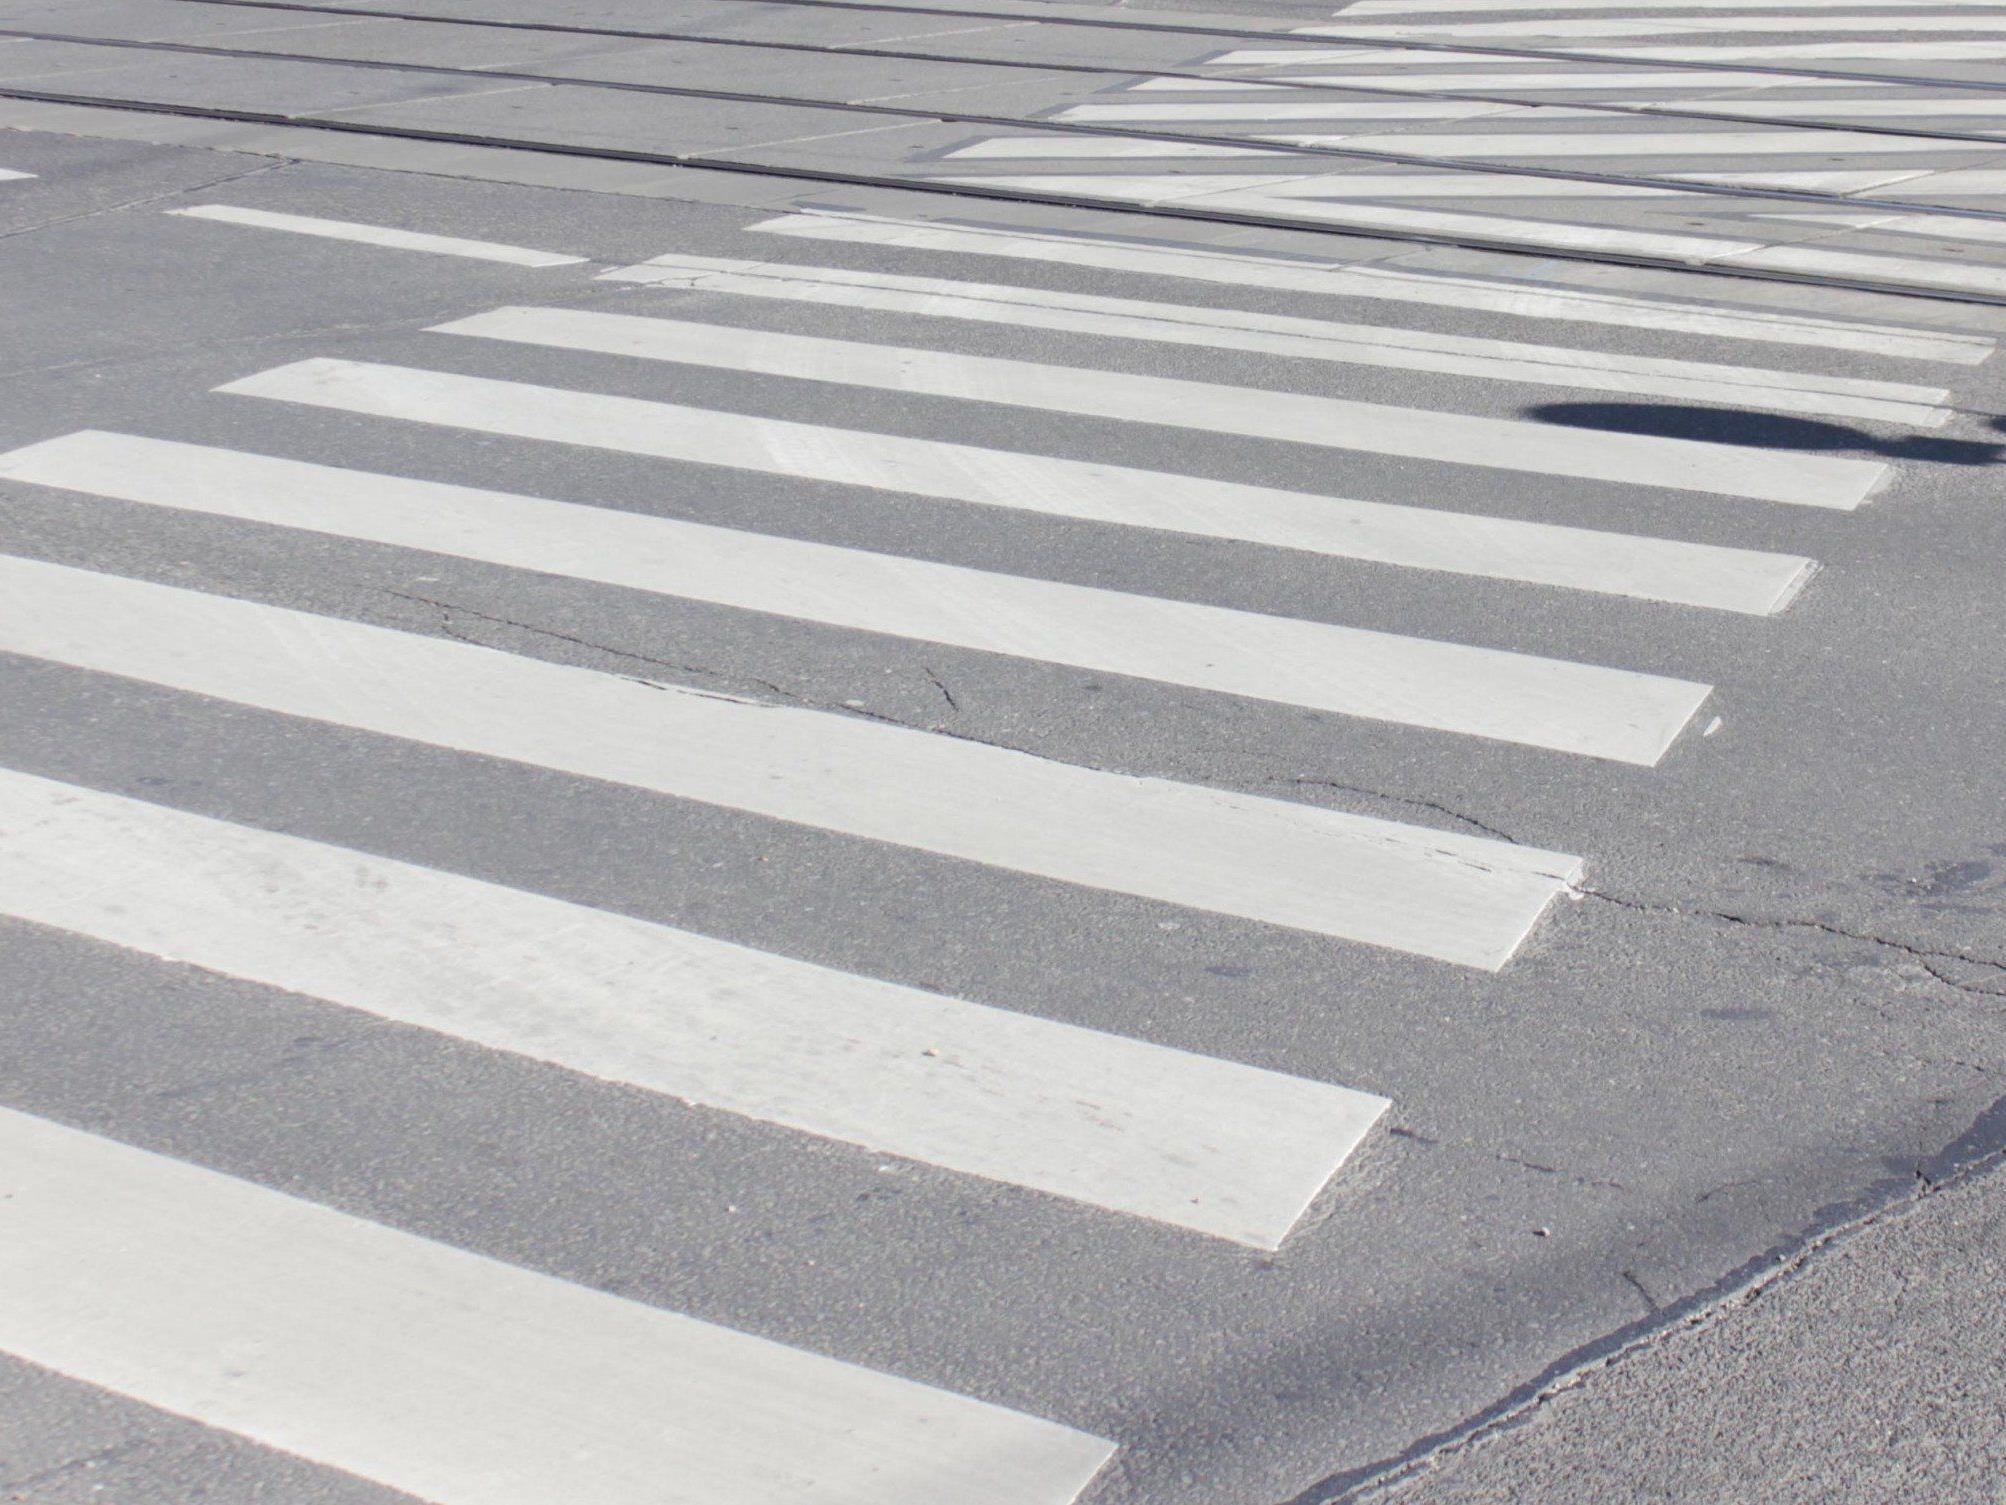 Ein Fußgänger wurde auf einem Zebtrastreifen in Wien-Penzing von einem Auto gestreift.